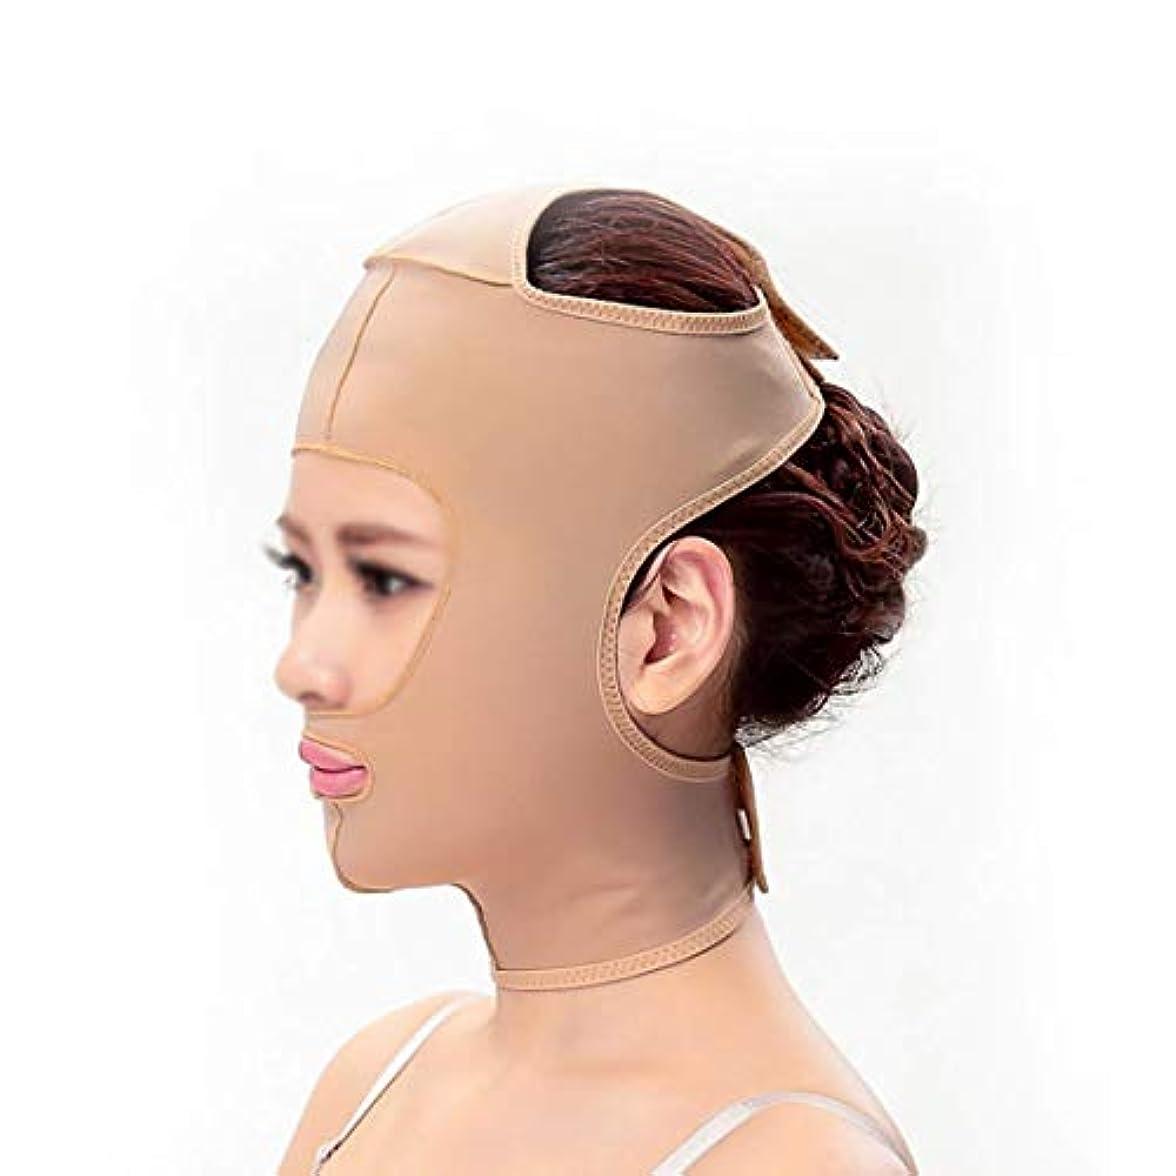 パイロット透明に強制スリミングベルト、二重あごの引き締め顔面プラスチックフェイスアーティファクト強力なフェイスバンデージをサイズアップするために顔面マスクシンフェイスマスク,M